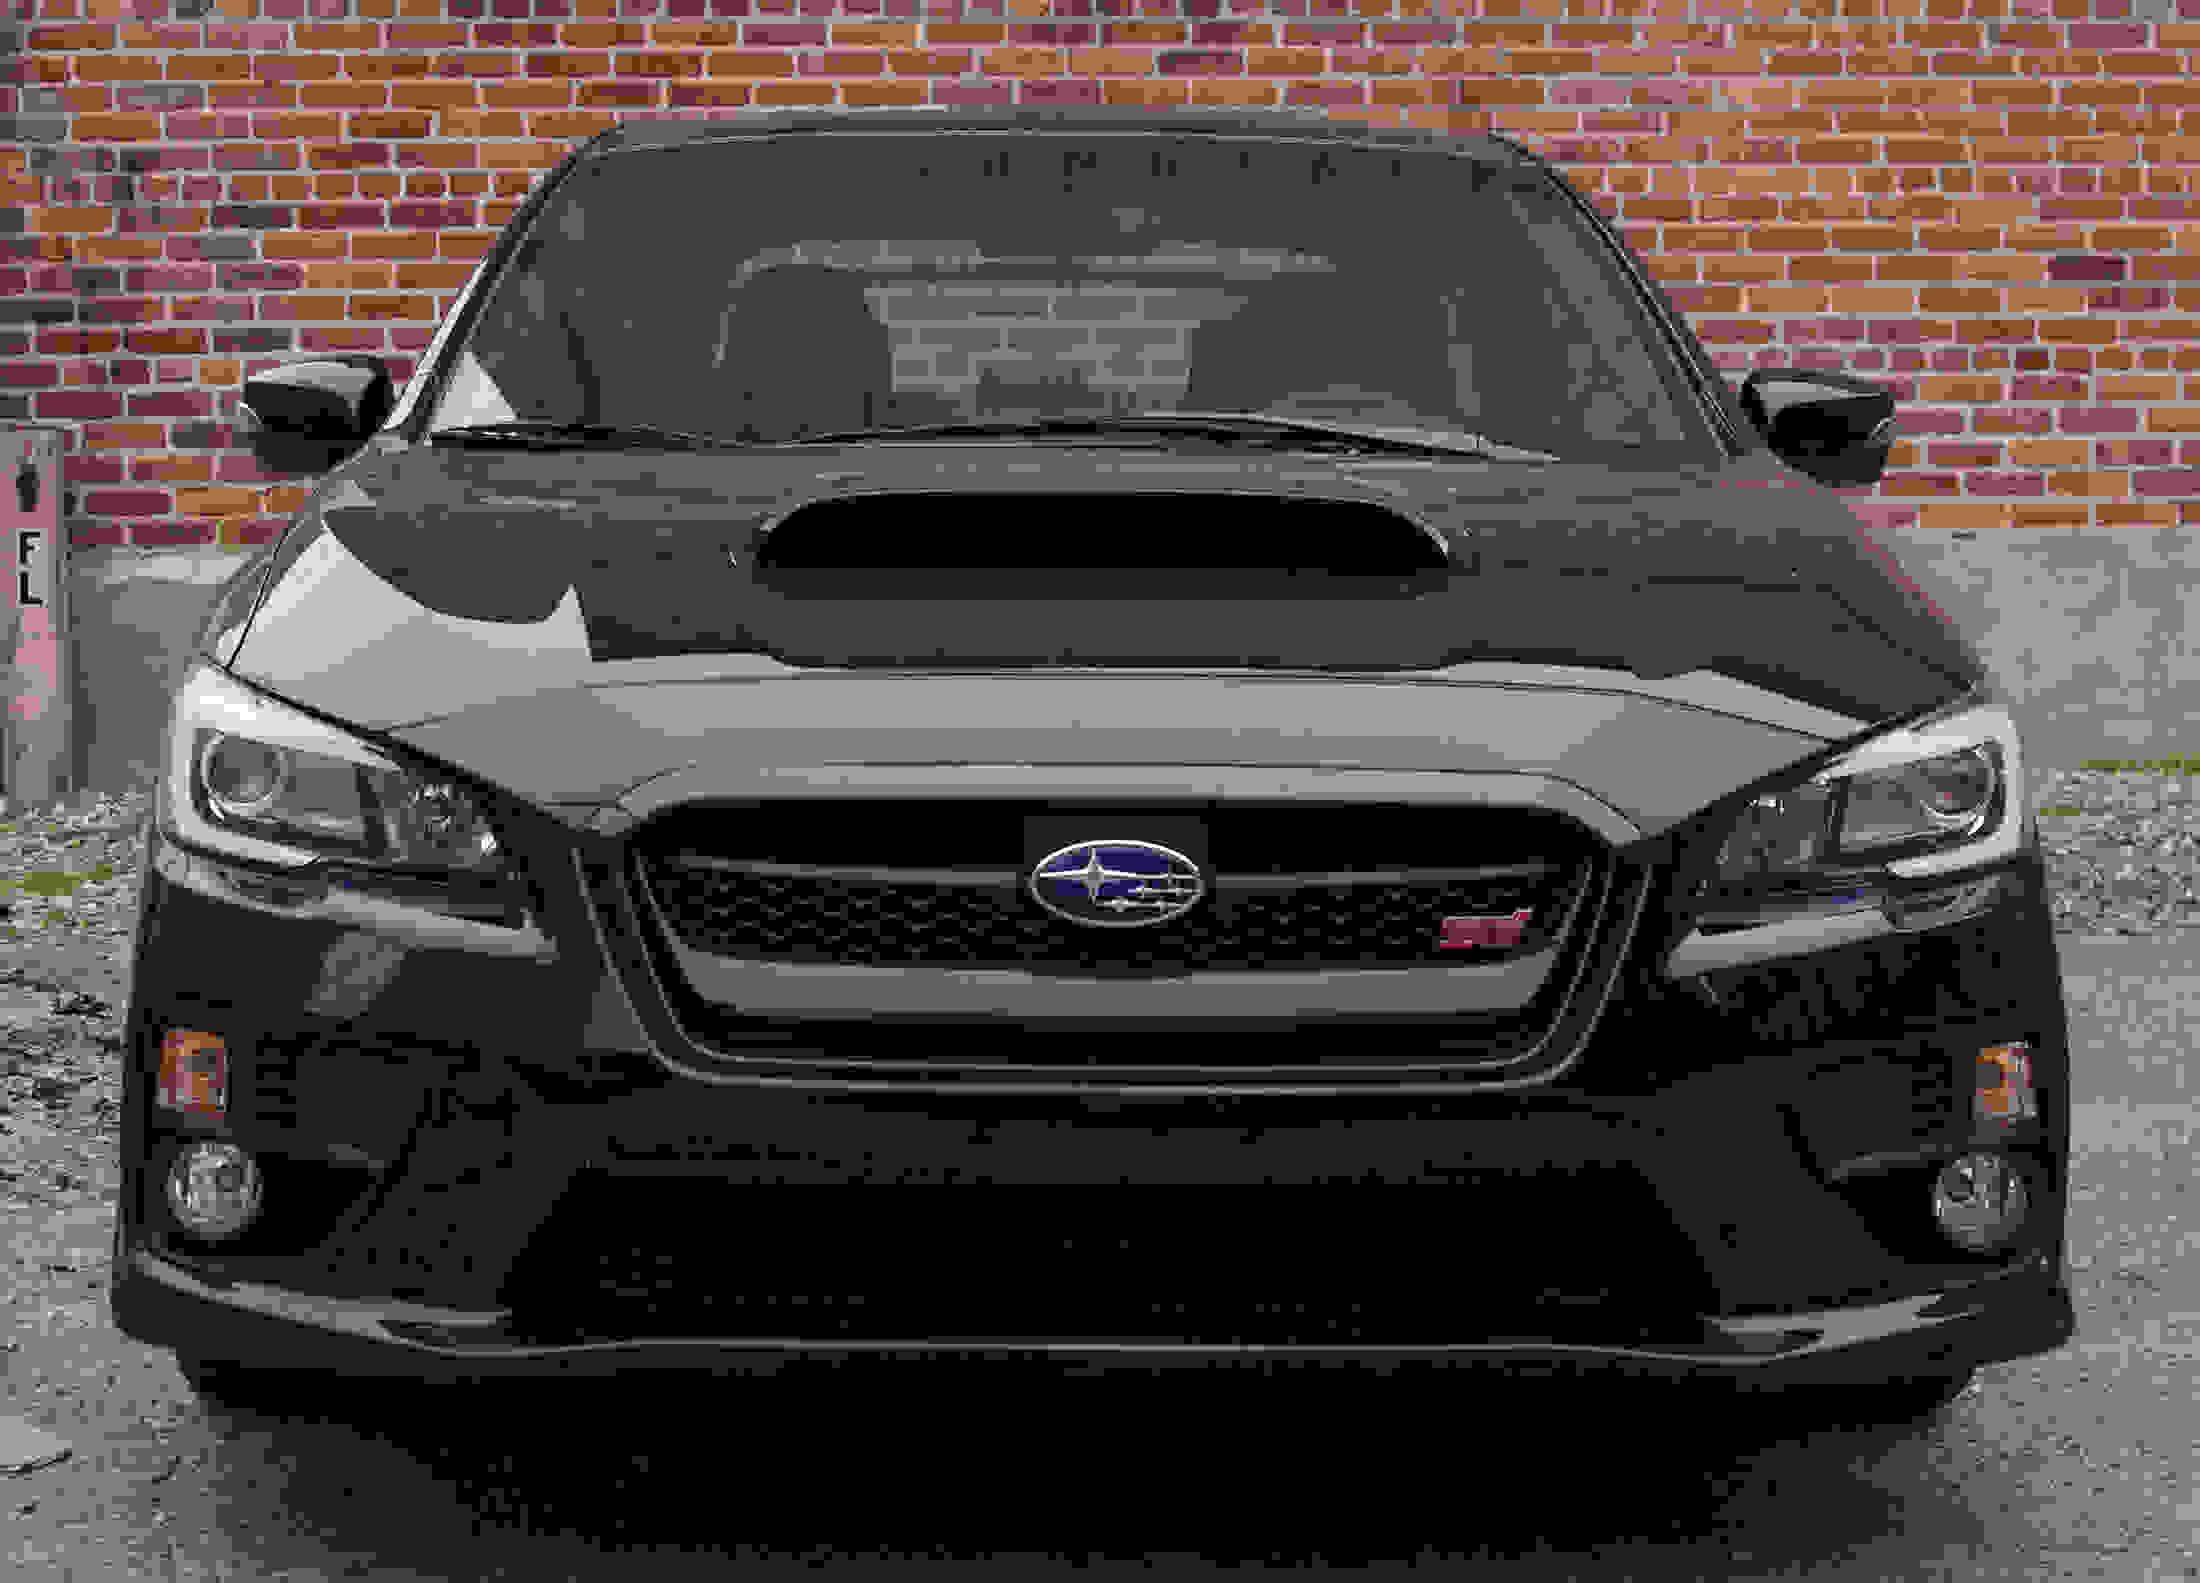 The hood scoop on the 2015 Subaru WRX STI